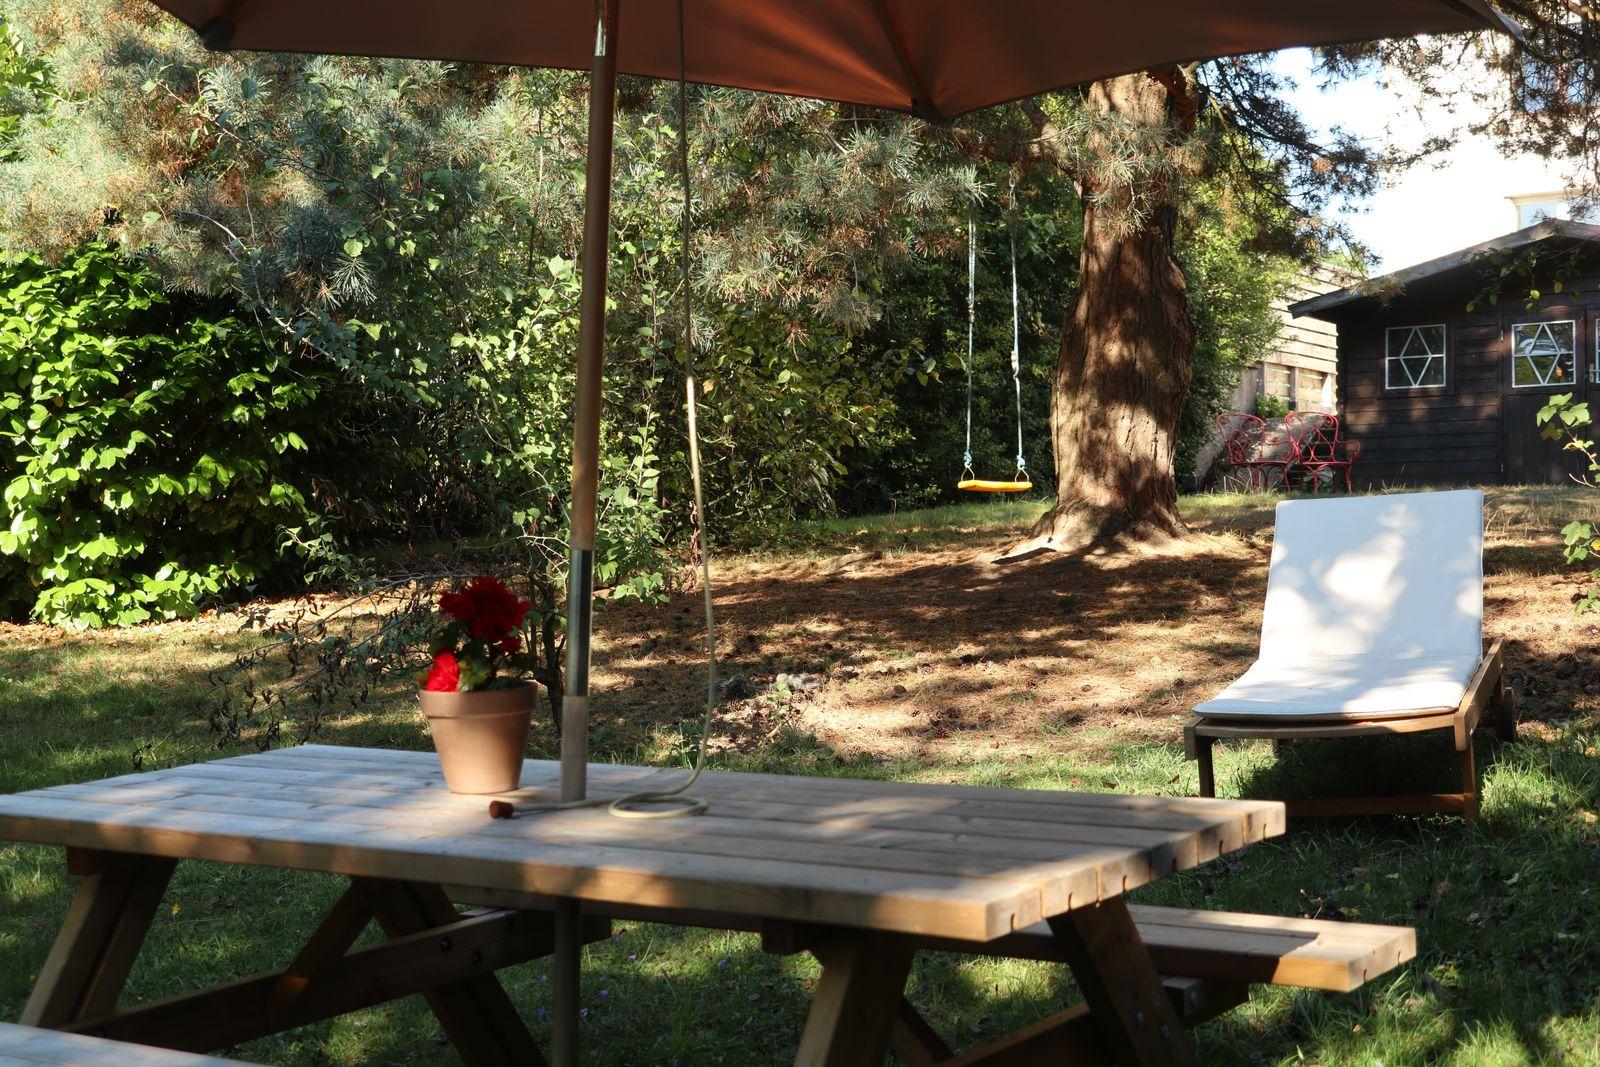 Espace privatif dans le jardin avec transat et barbecue, possibilités de jeux pour les enfants